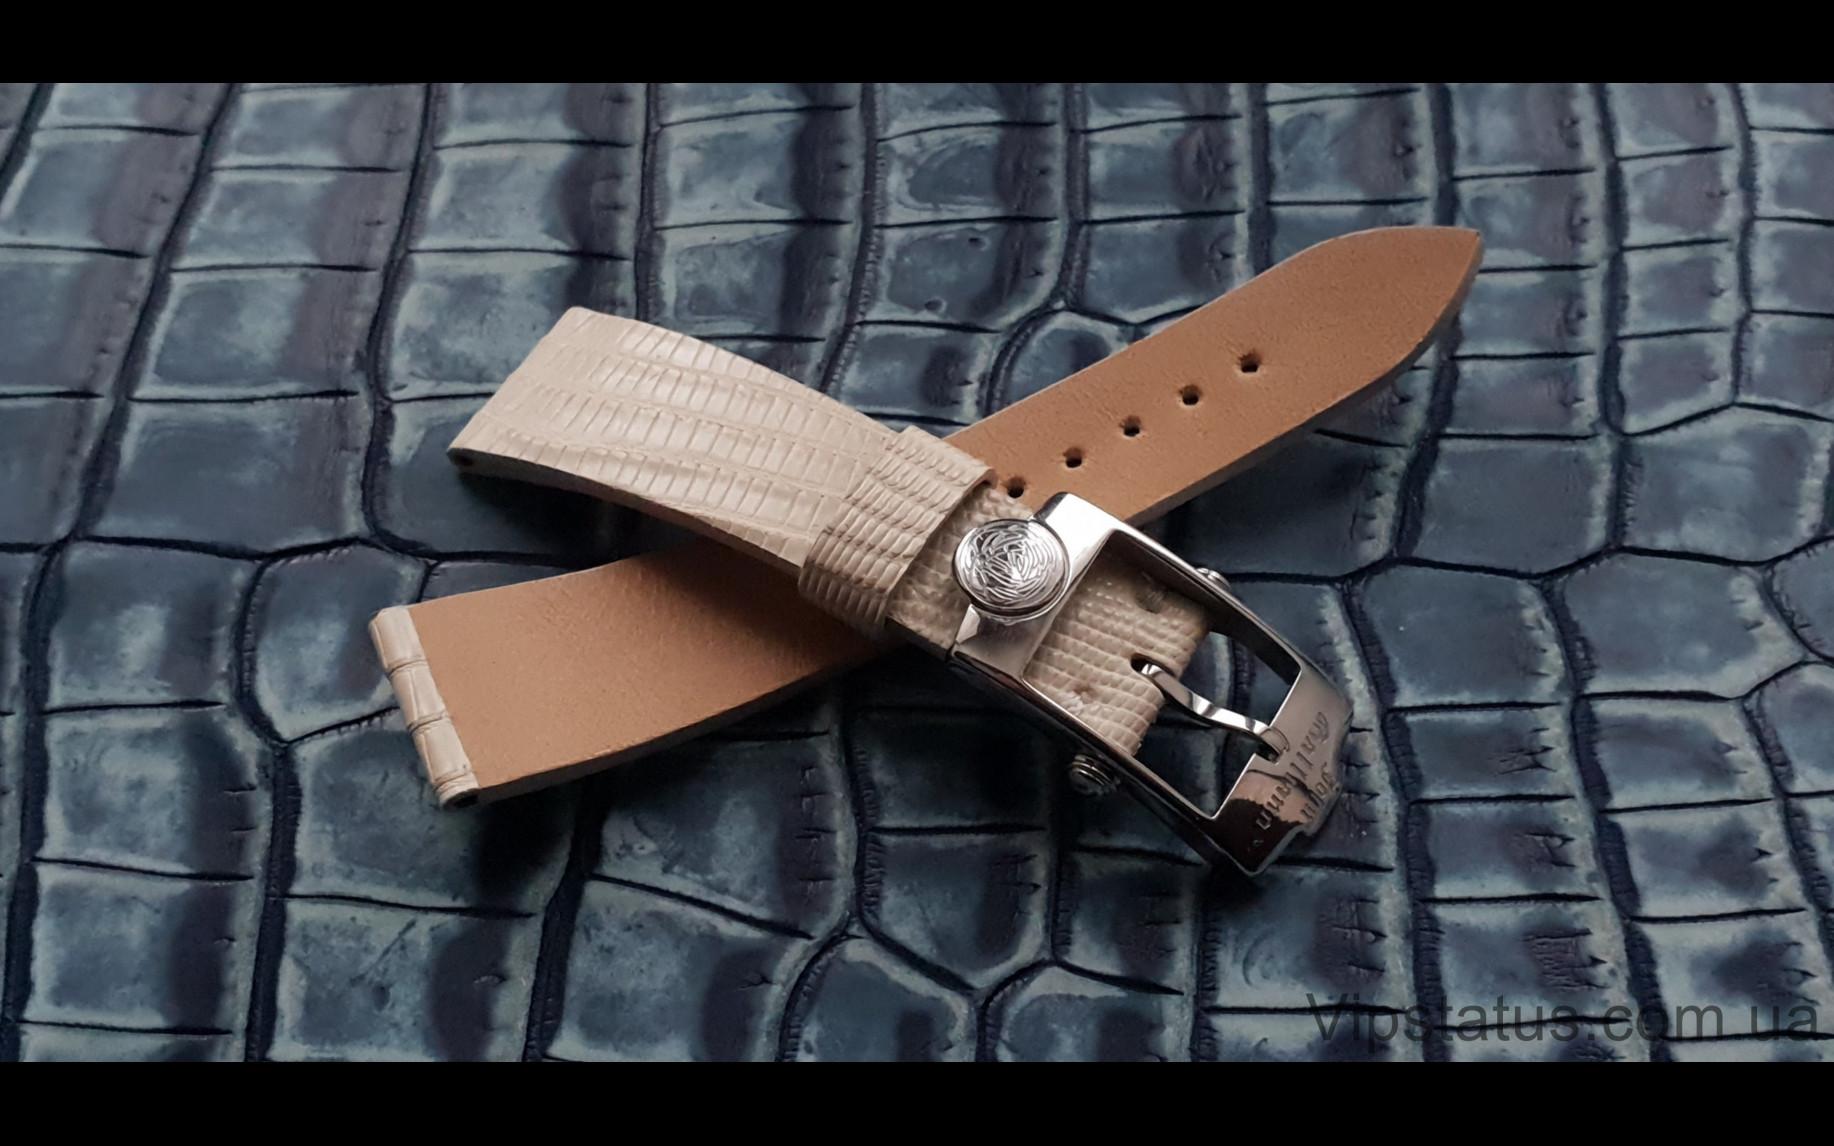 Элитный Экзотический ремешок для часов John Galliano кожа крокодила Эксклюзивный ремешок для часов John Galliano из кожи крокодила изображение 3